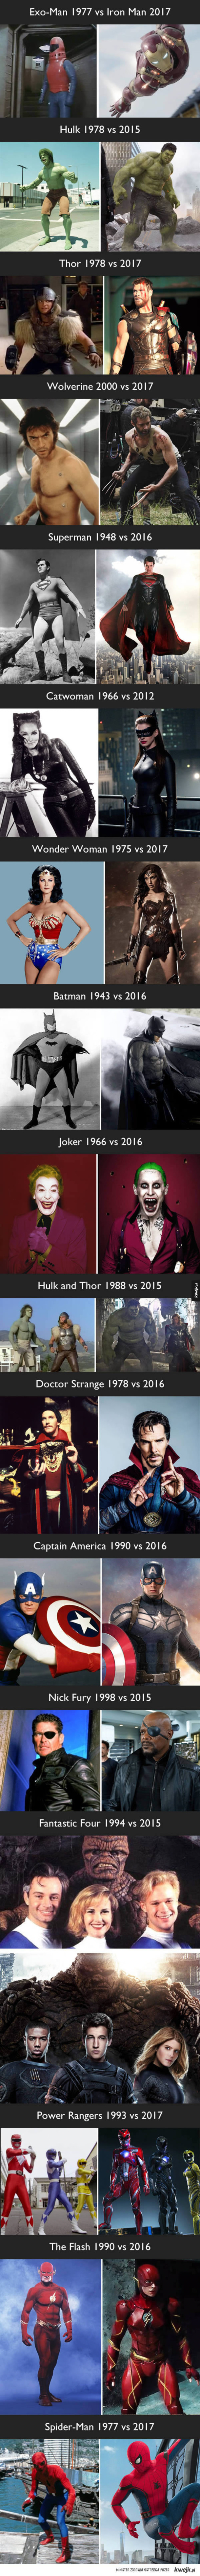 Jak zmienili się superbohaterowie